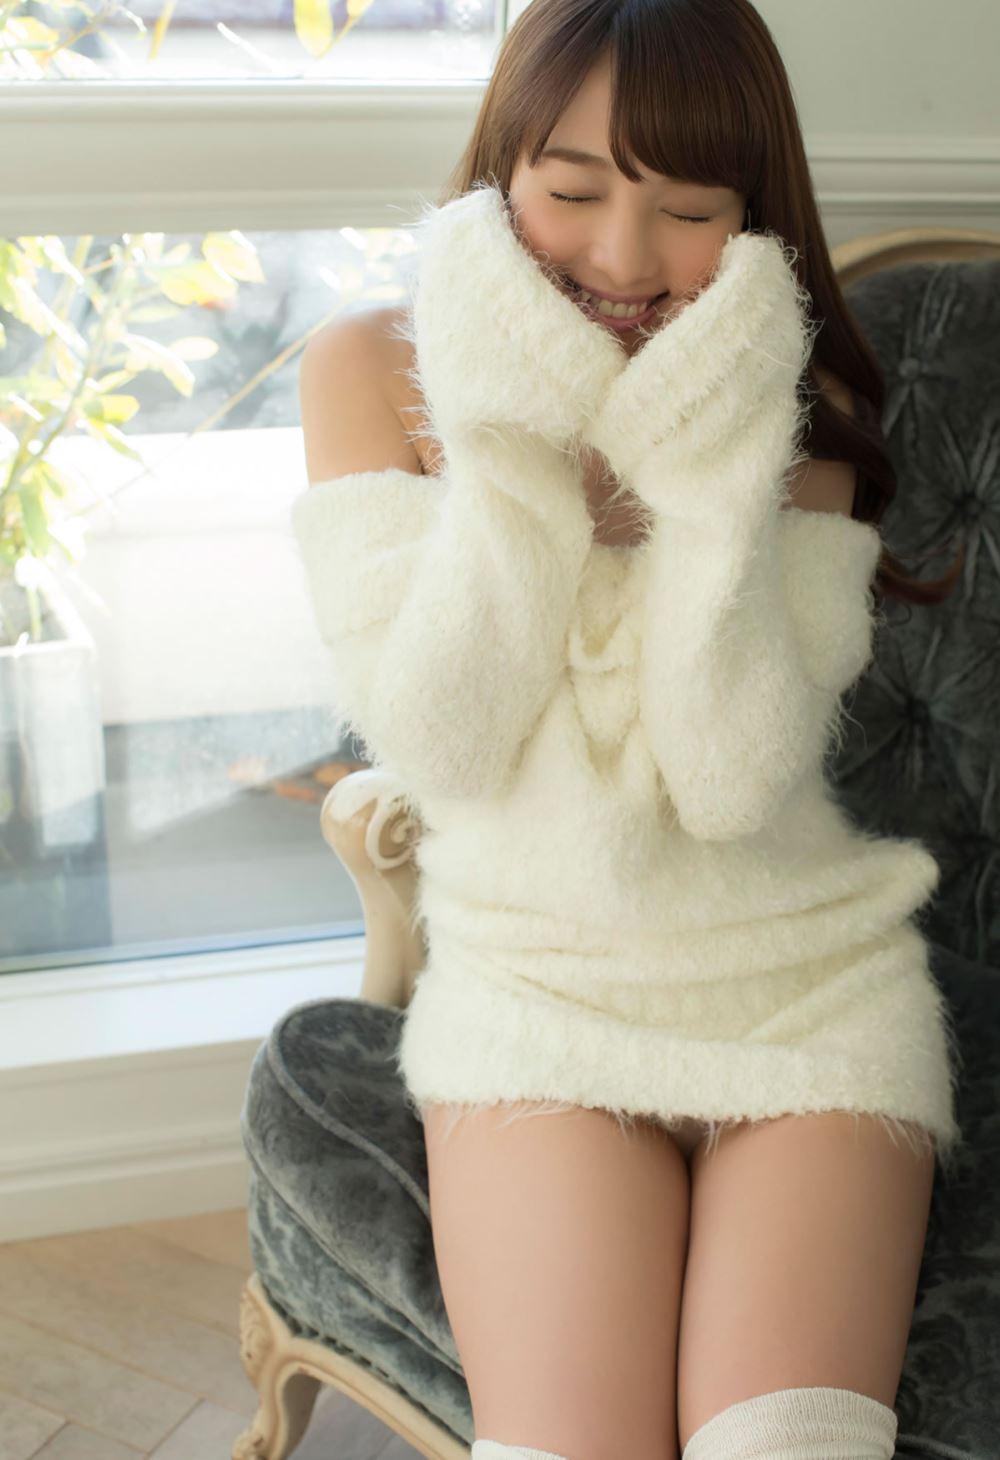 池田ショコラの下着姿がエロカワな過激グラビア画像 52